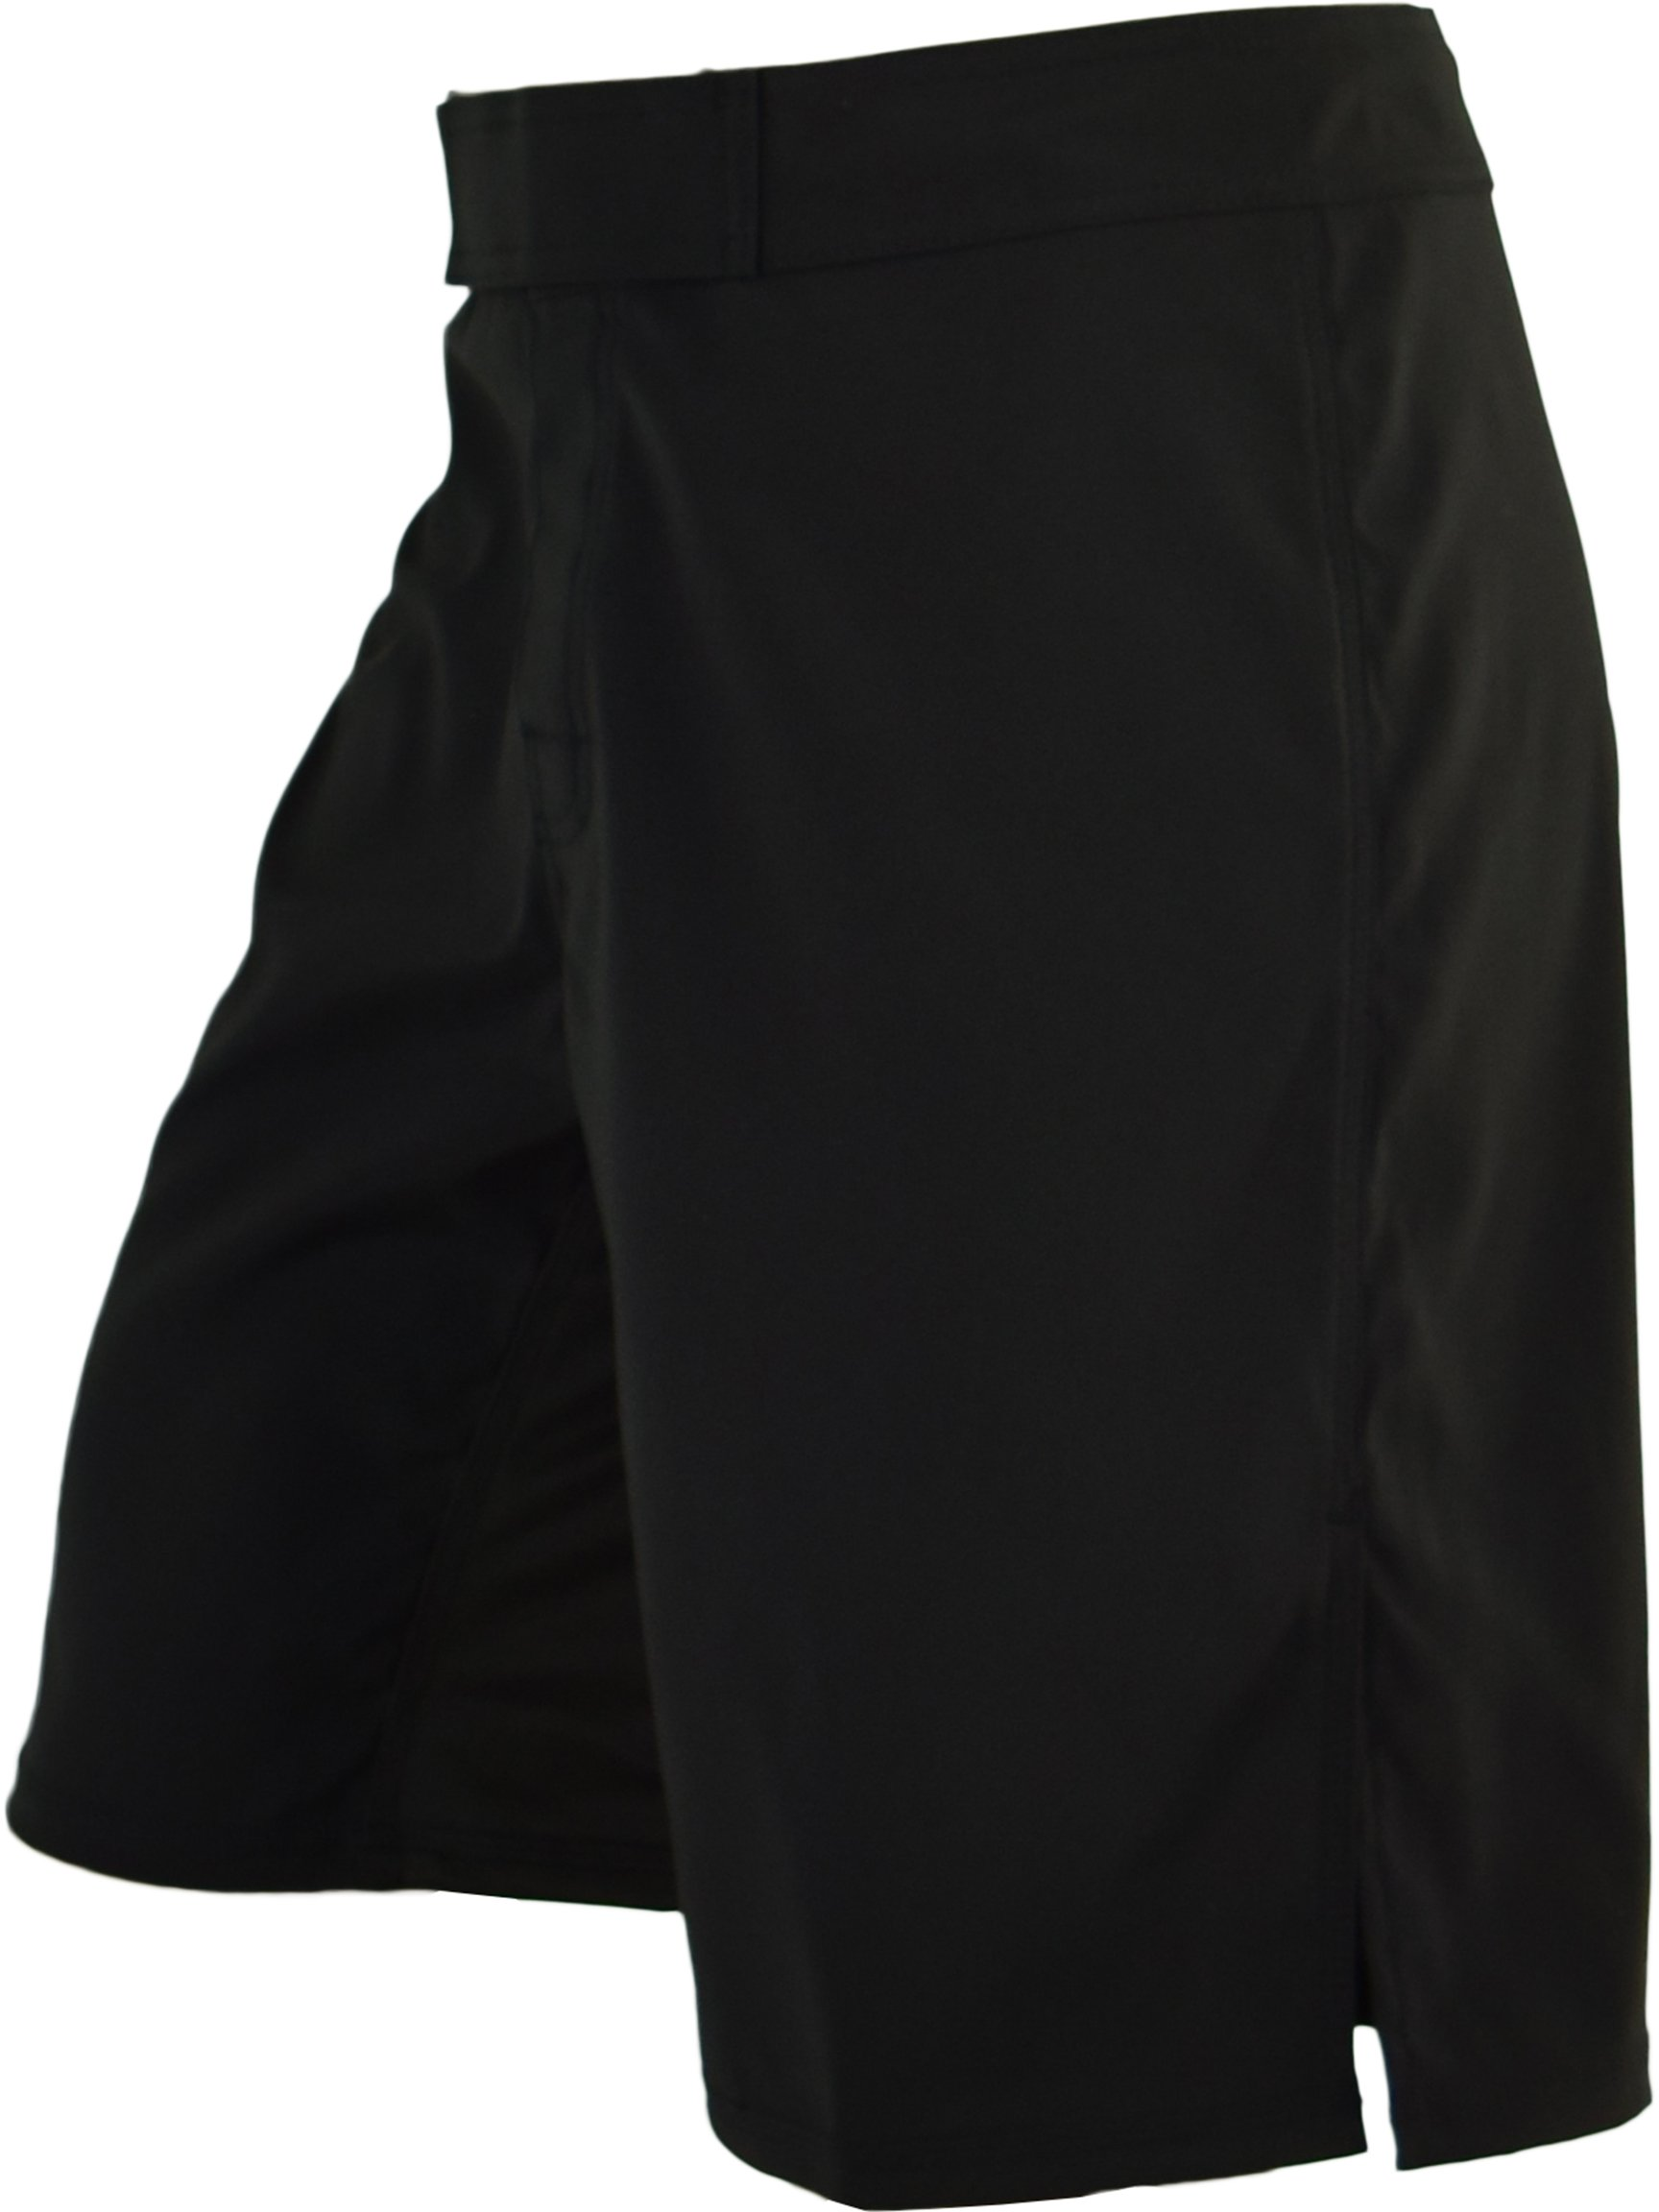 Blue-2 UN92 WC14 Womens Kettlebell Fit Shorts